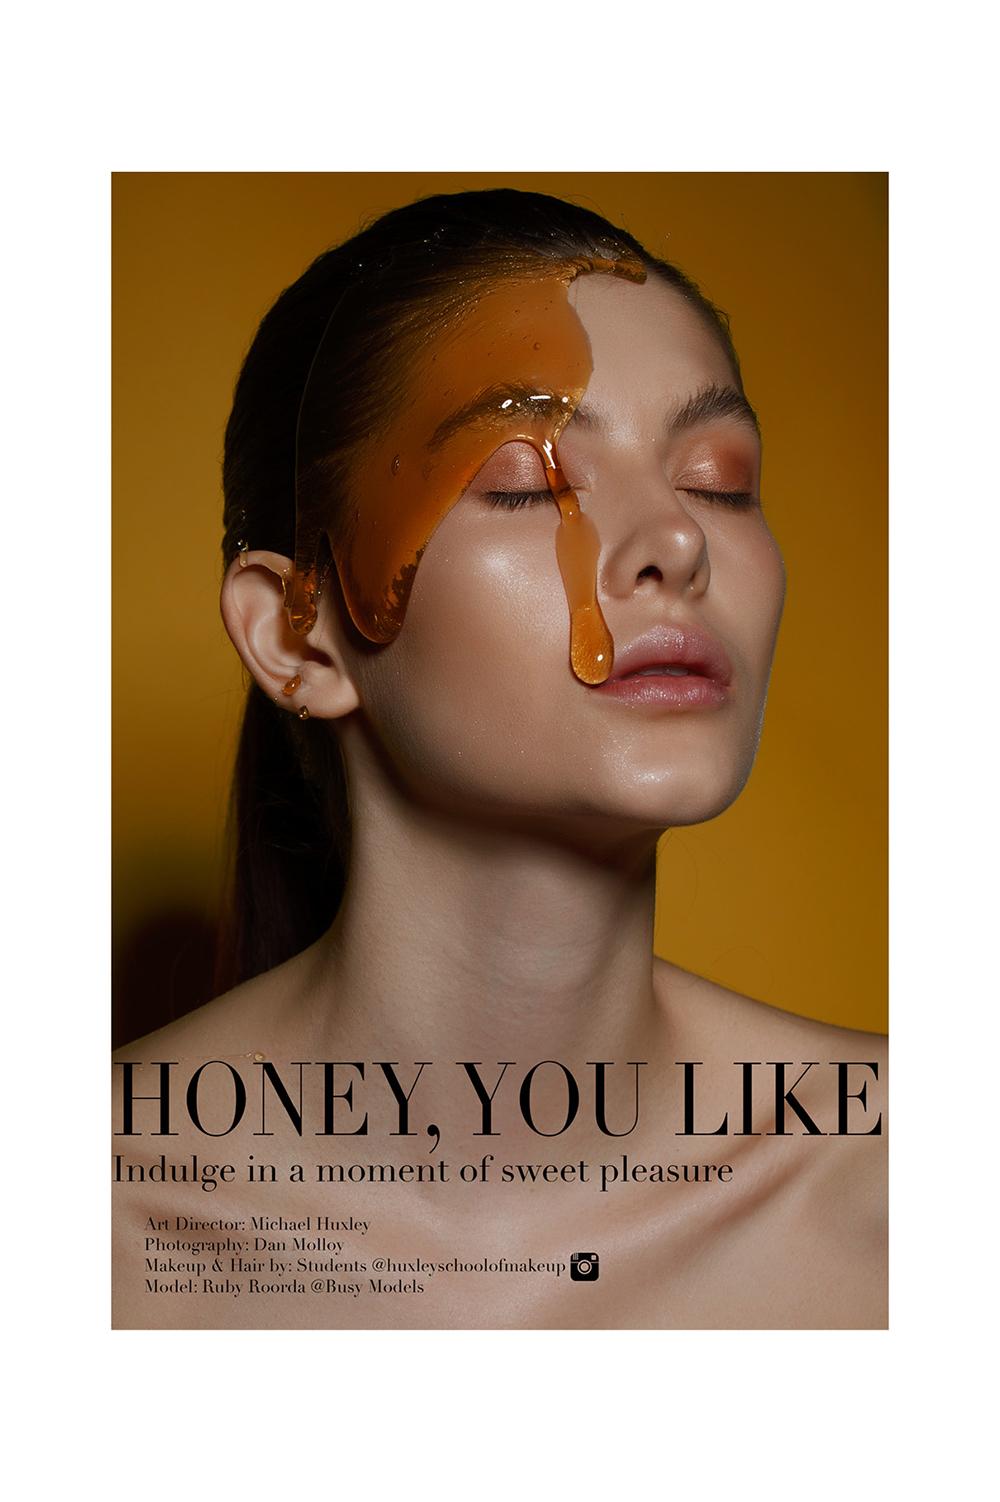 Honey, You Like